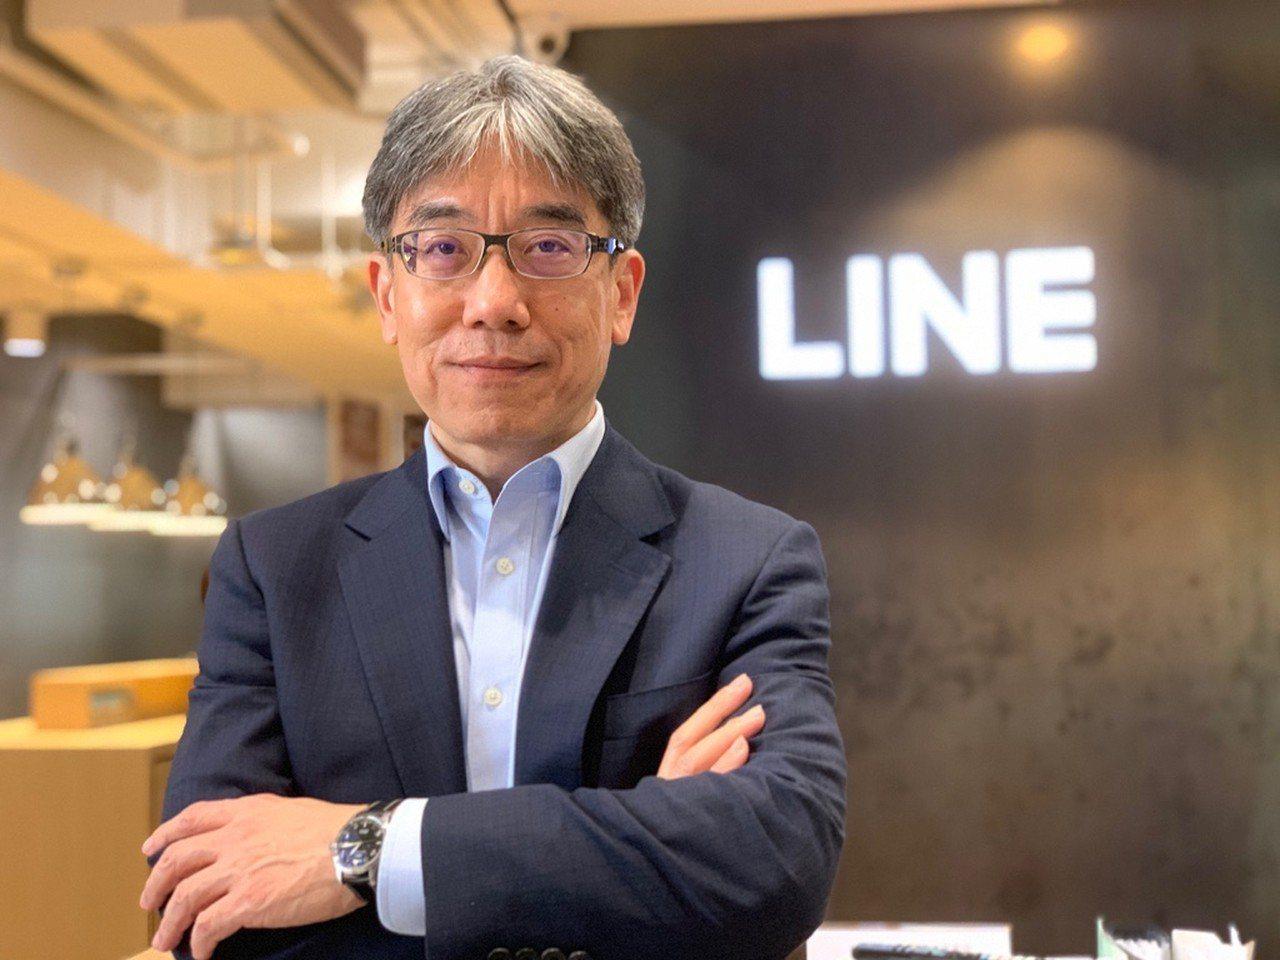 連線商業銀行(LINE Bank)籌備處執行長黃以孟8日上任,他表示,LINE ...